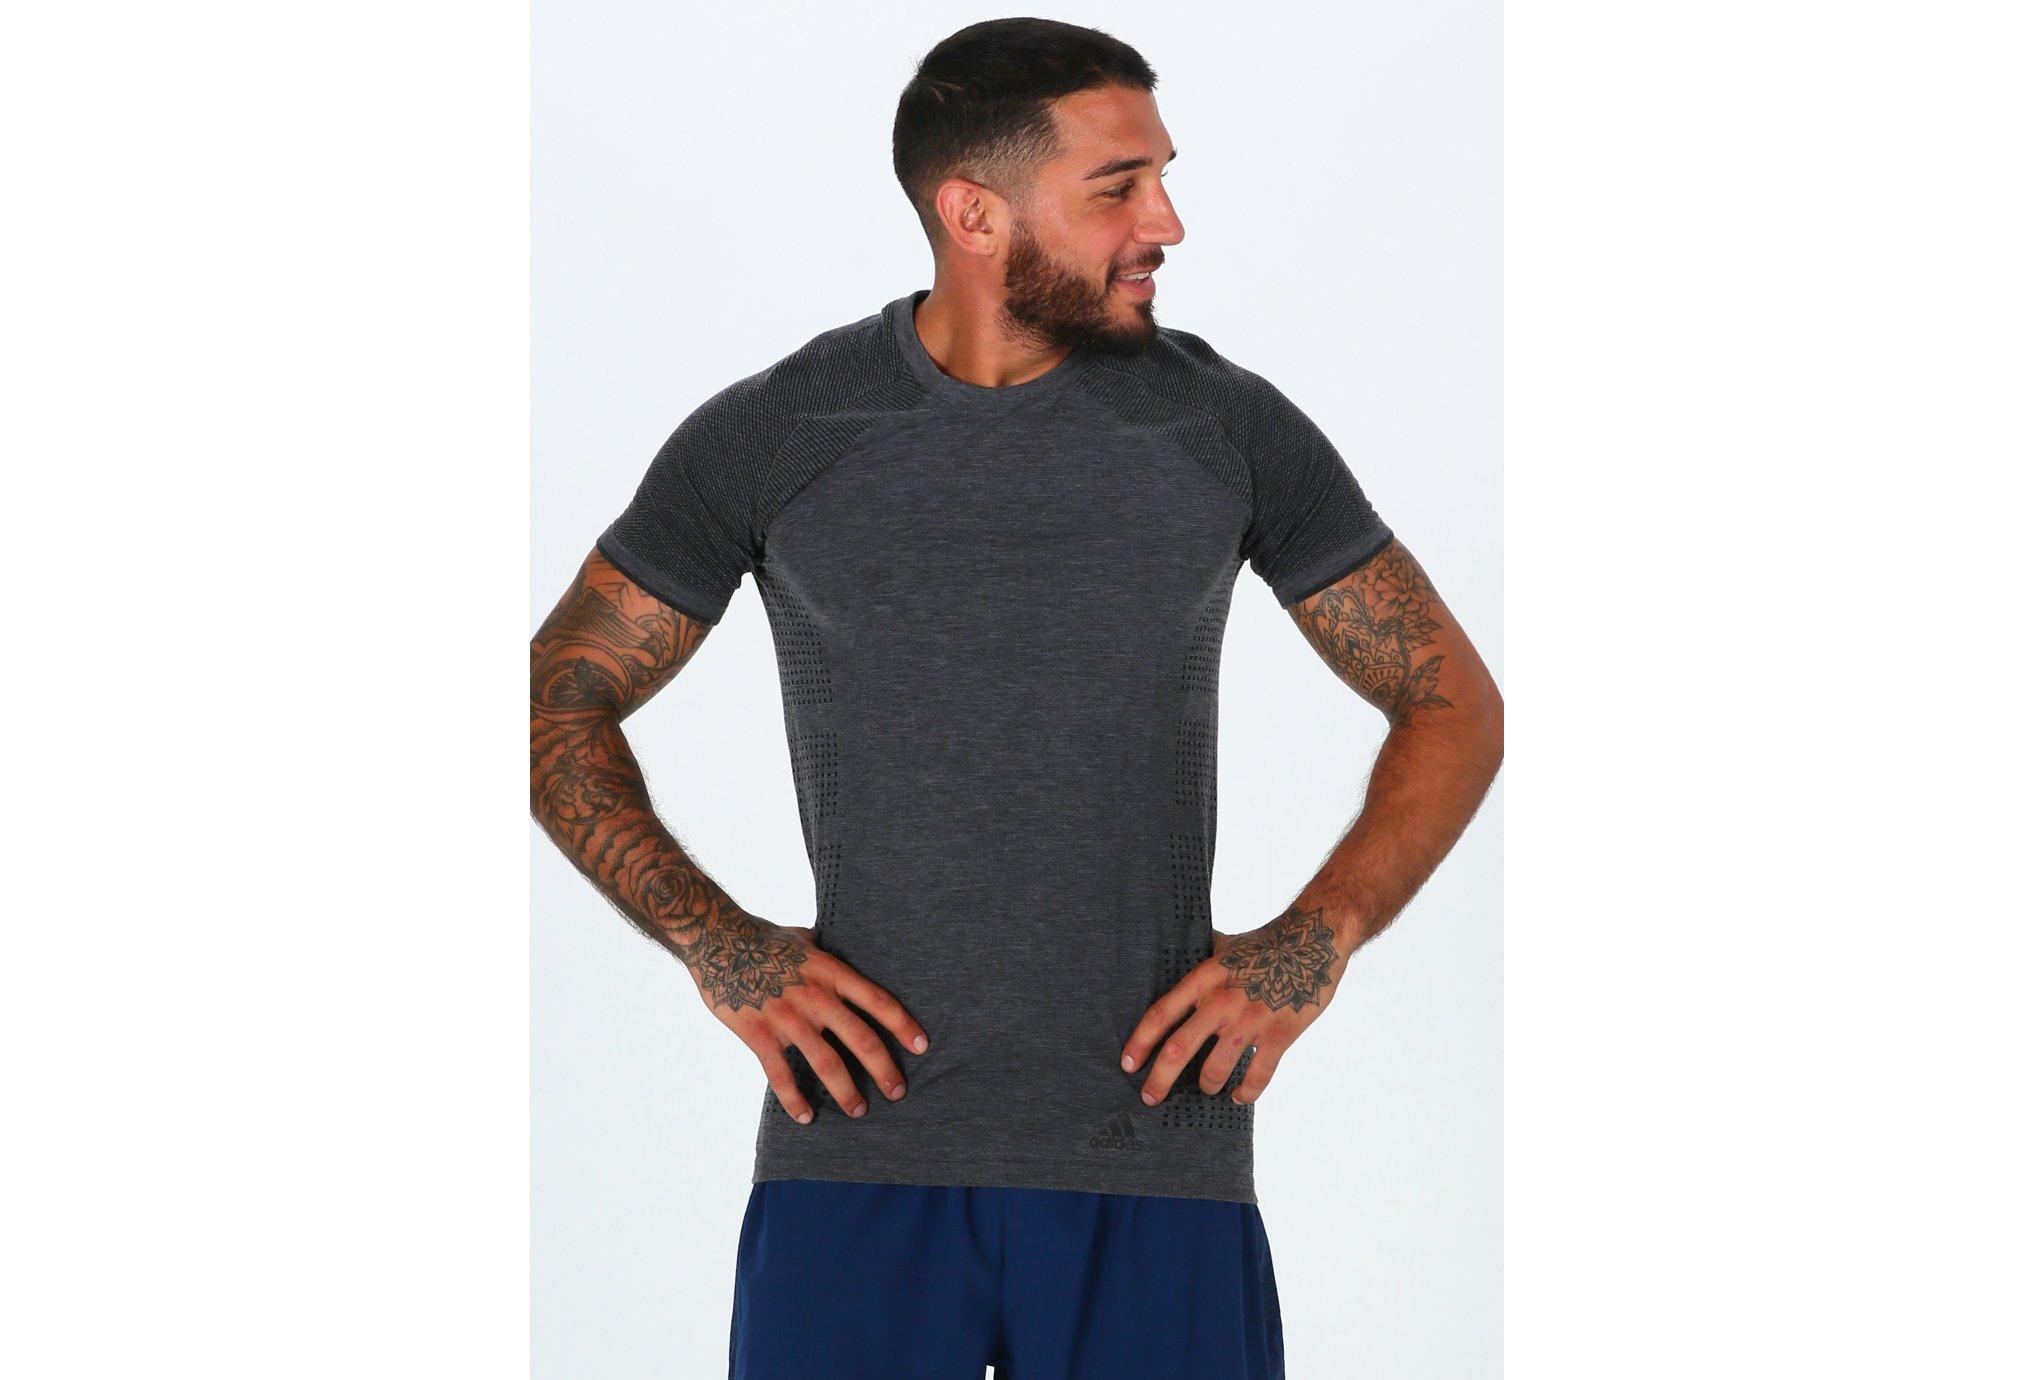 Adidas Primeknit m diététique vêtements homme